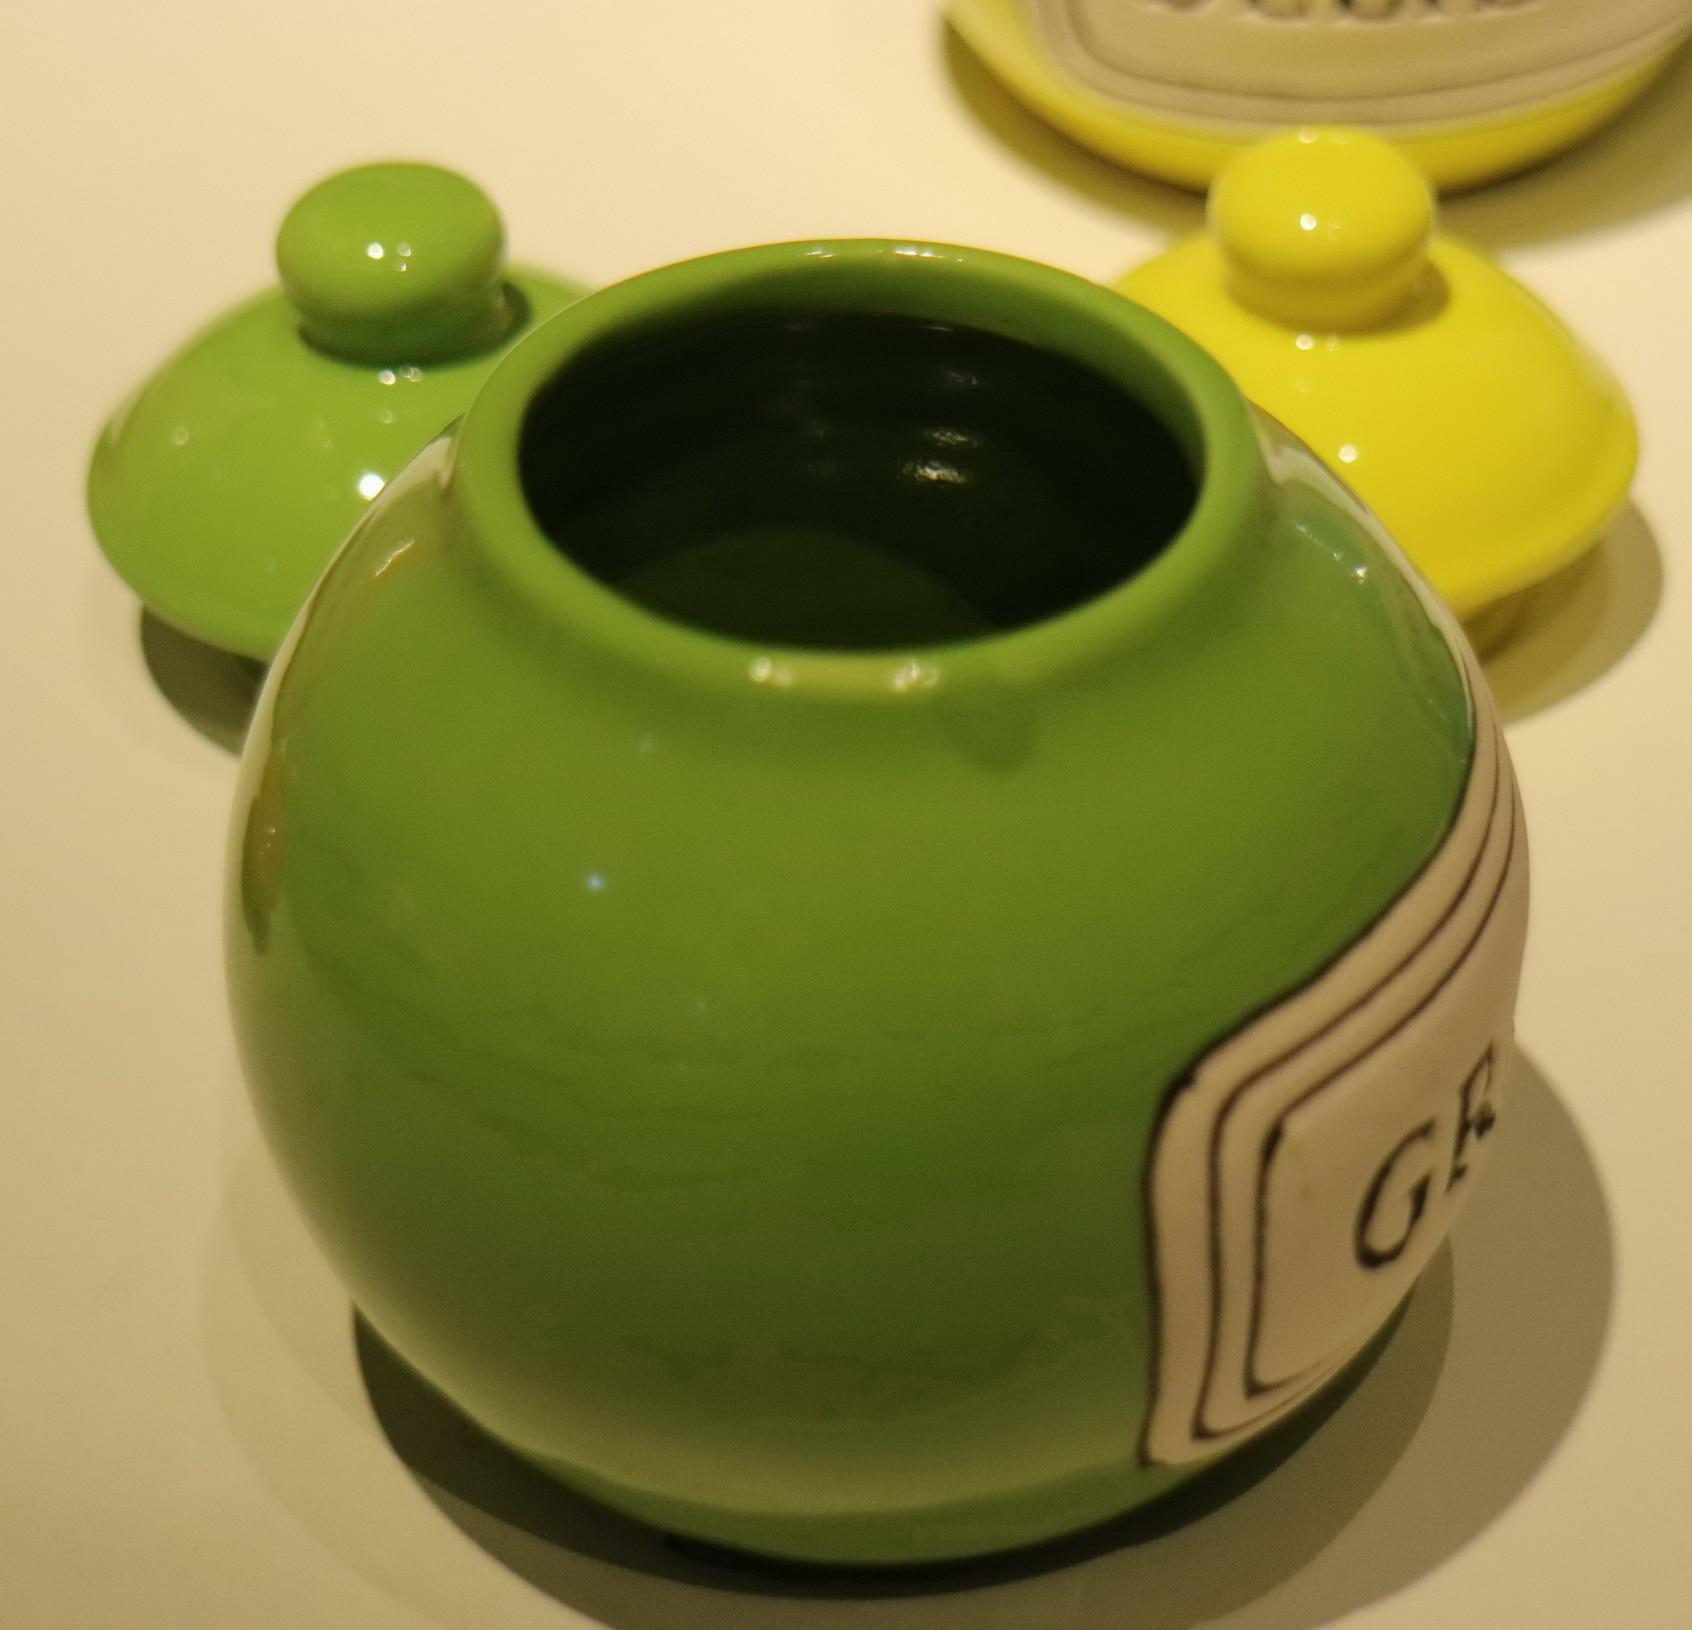 Fantastisch Küche Kanister Keramik Bilder - Küche Set Ideen ...